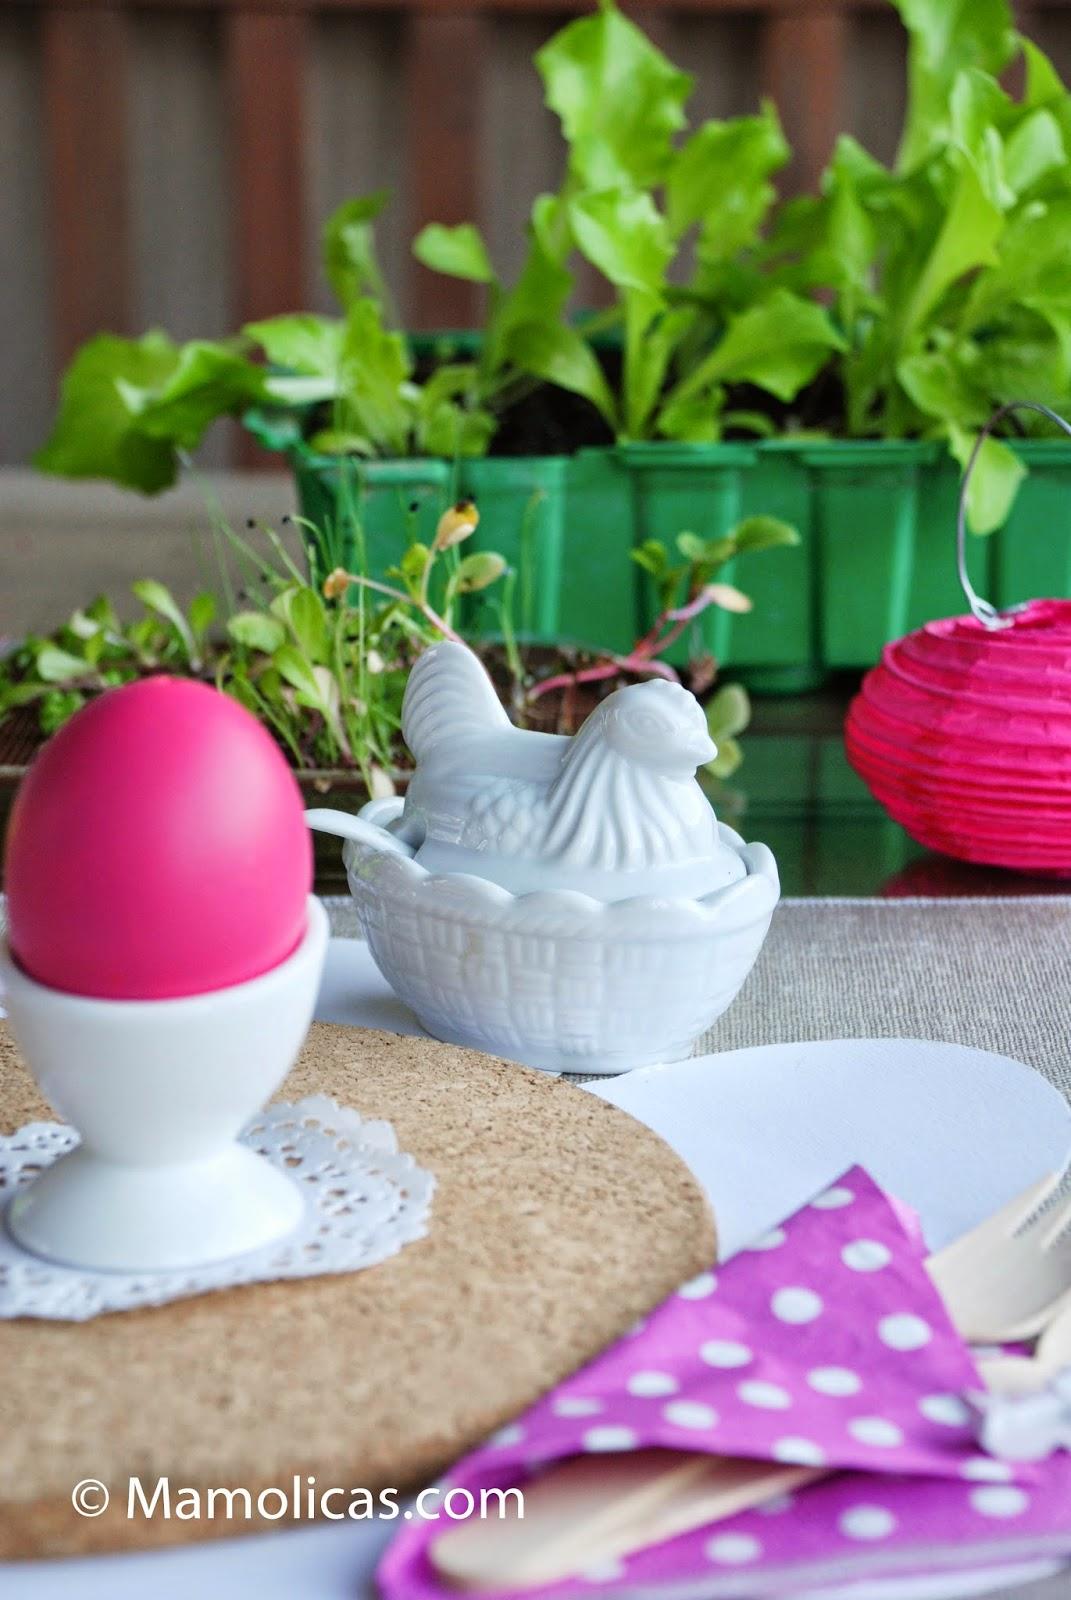 Mamolicas decoraci n mesa desayuno de pascua for Adornos de pascua